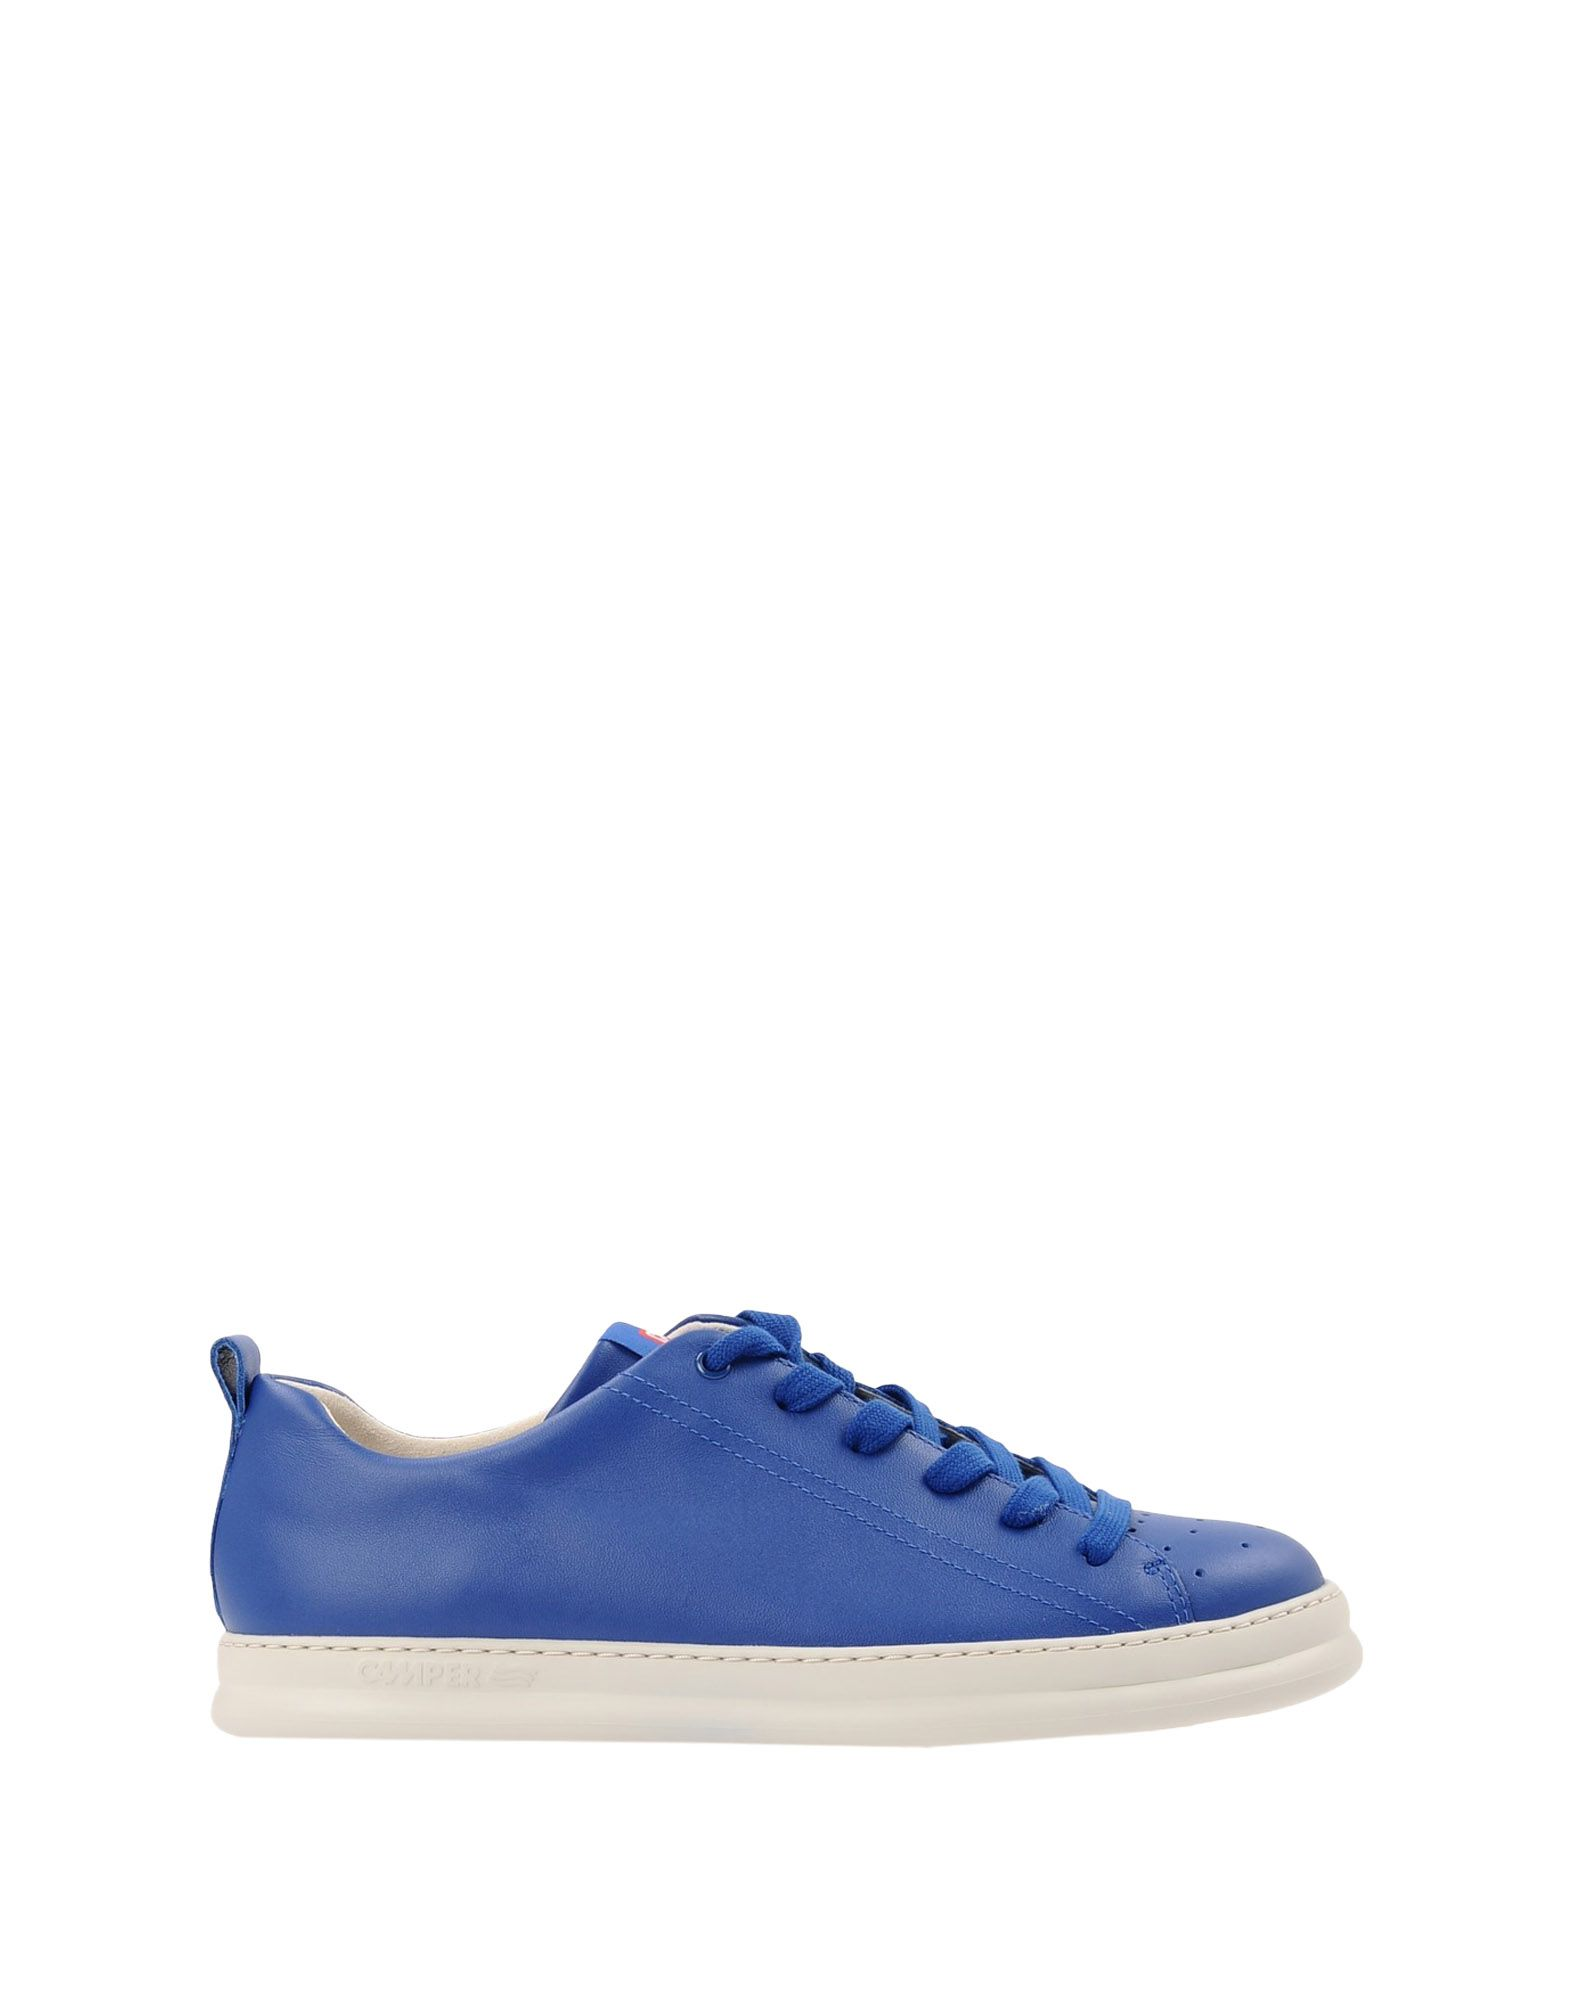 Camper Sneakers Sneakers Camper Herren  11367375NN bcce35